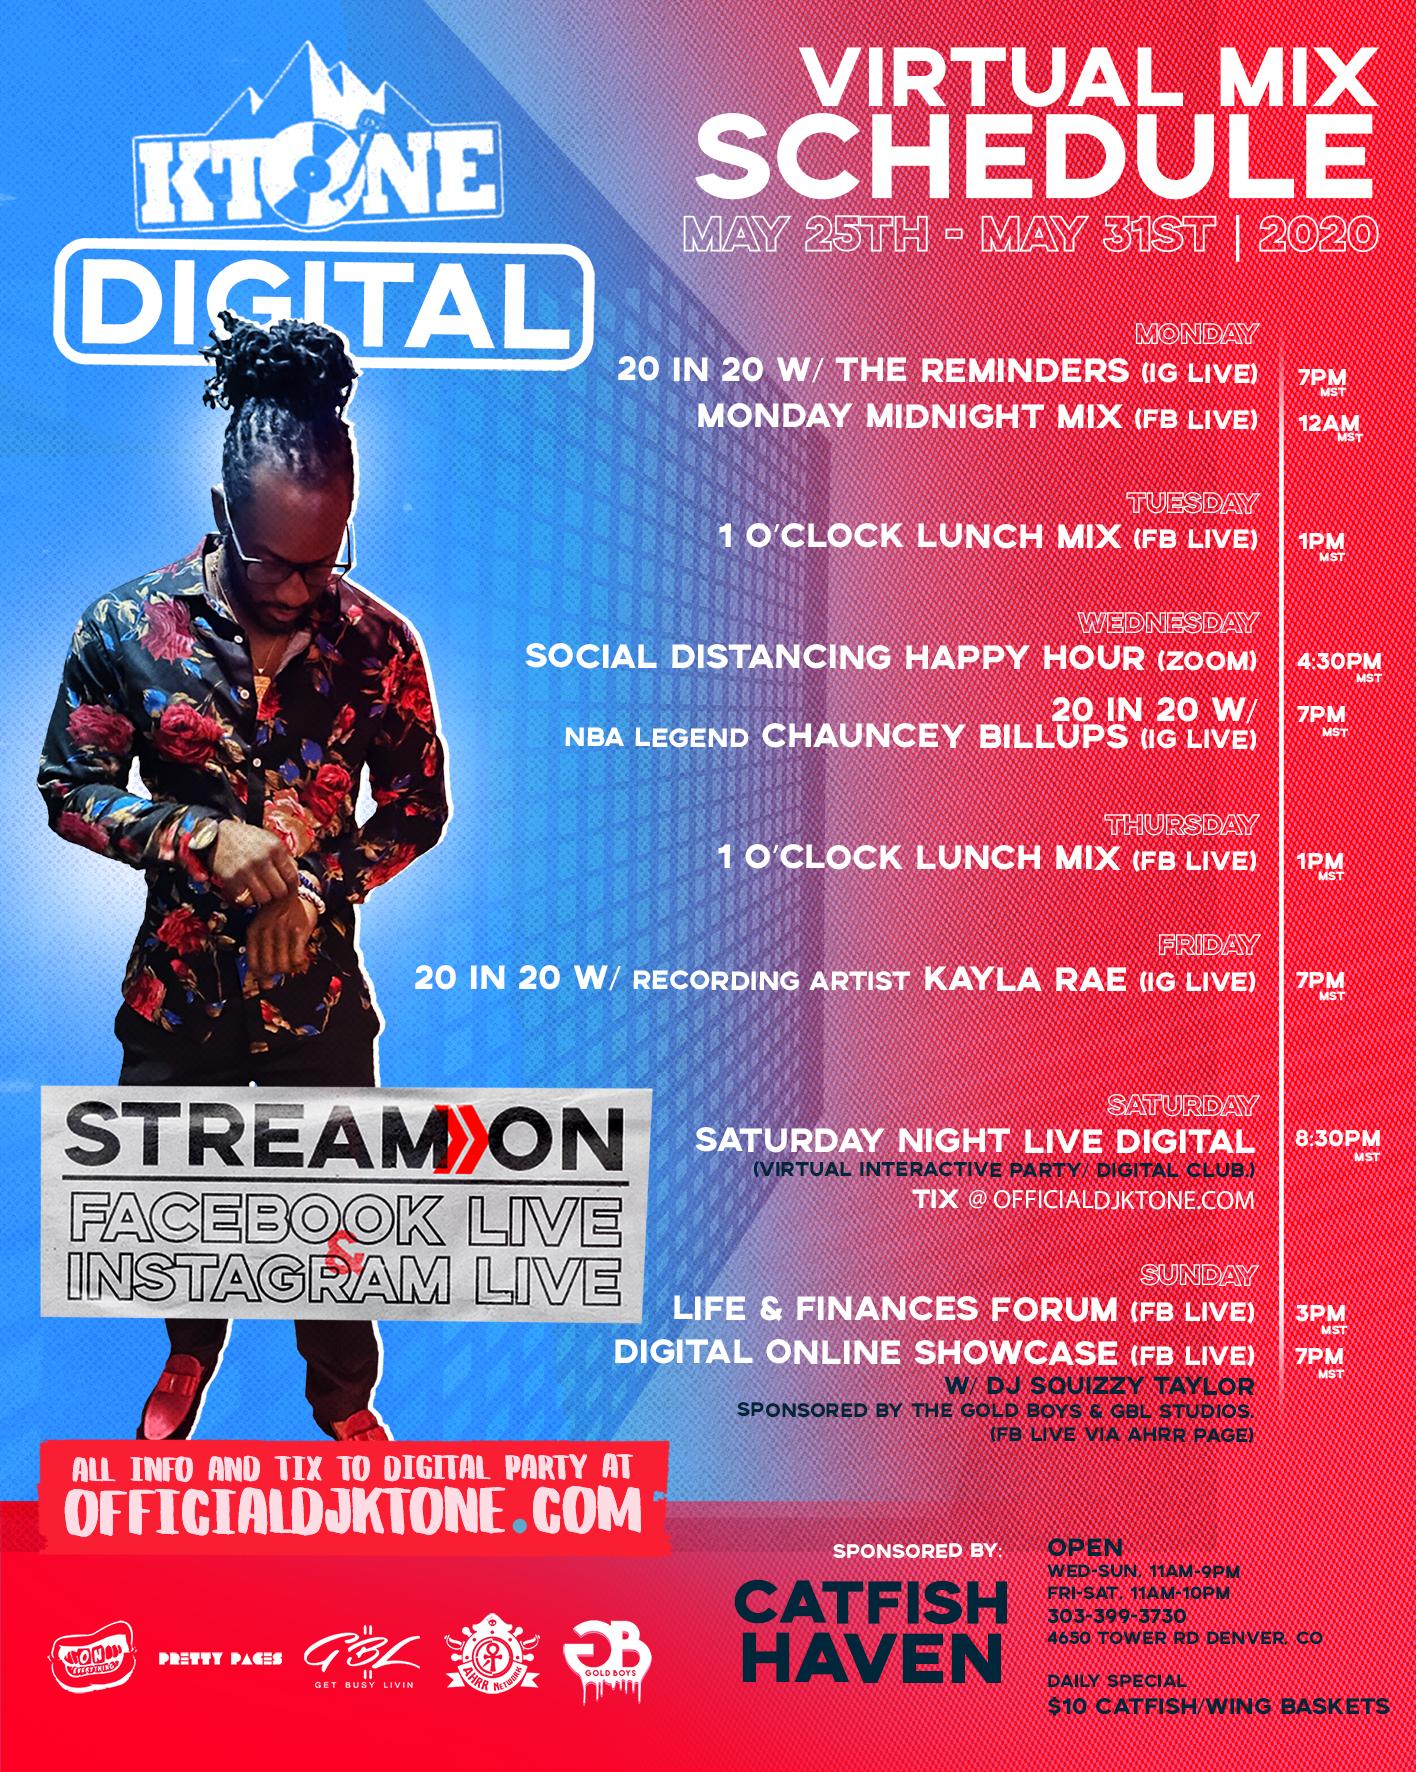 DJ Ktone Virtual Mix Schedule May 25 - May 31, 2020